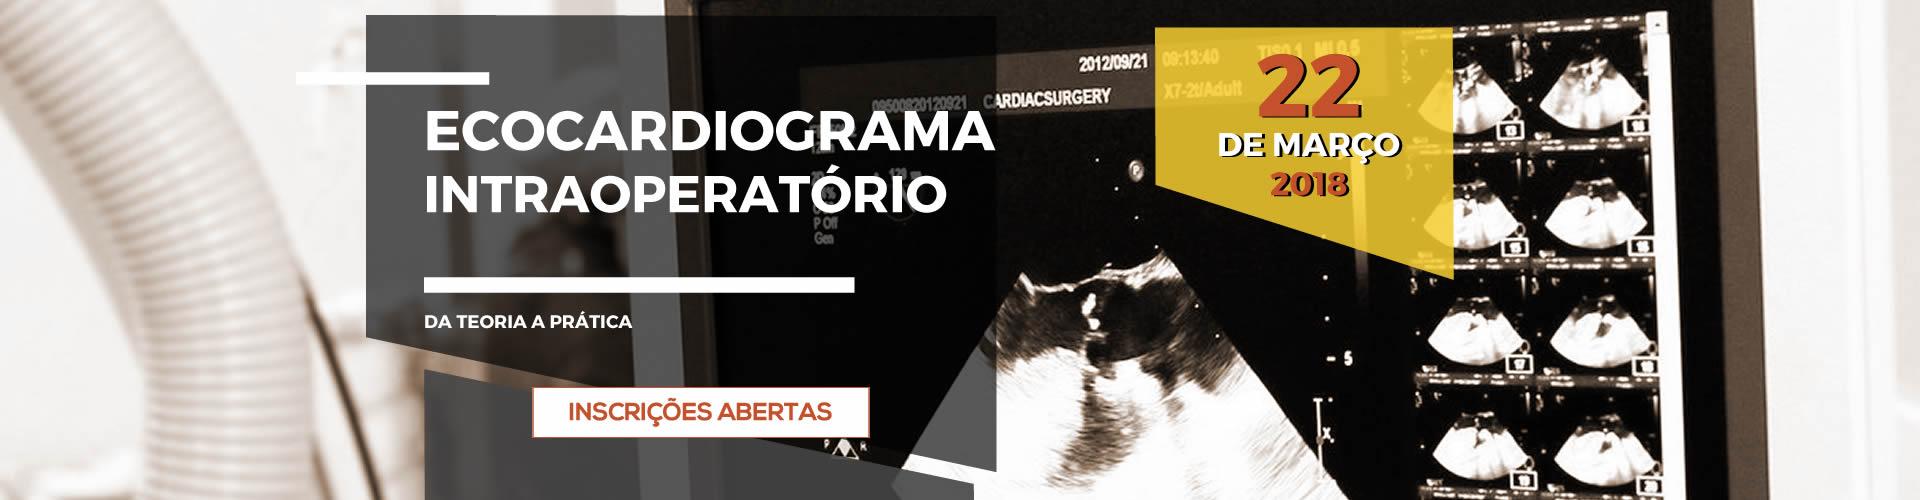 slide-ecocardiograma-marco